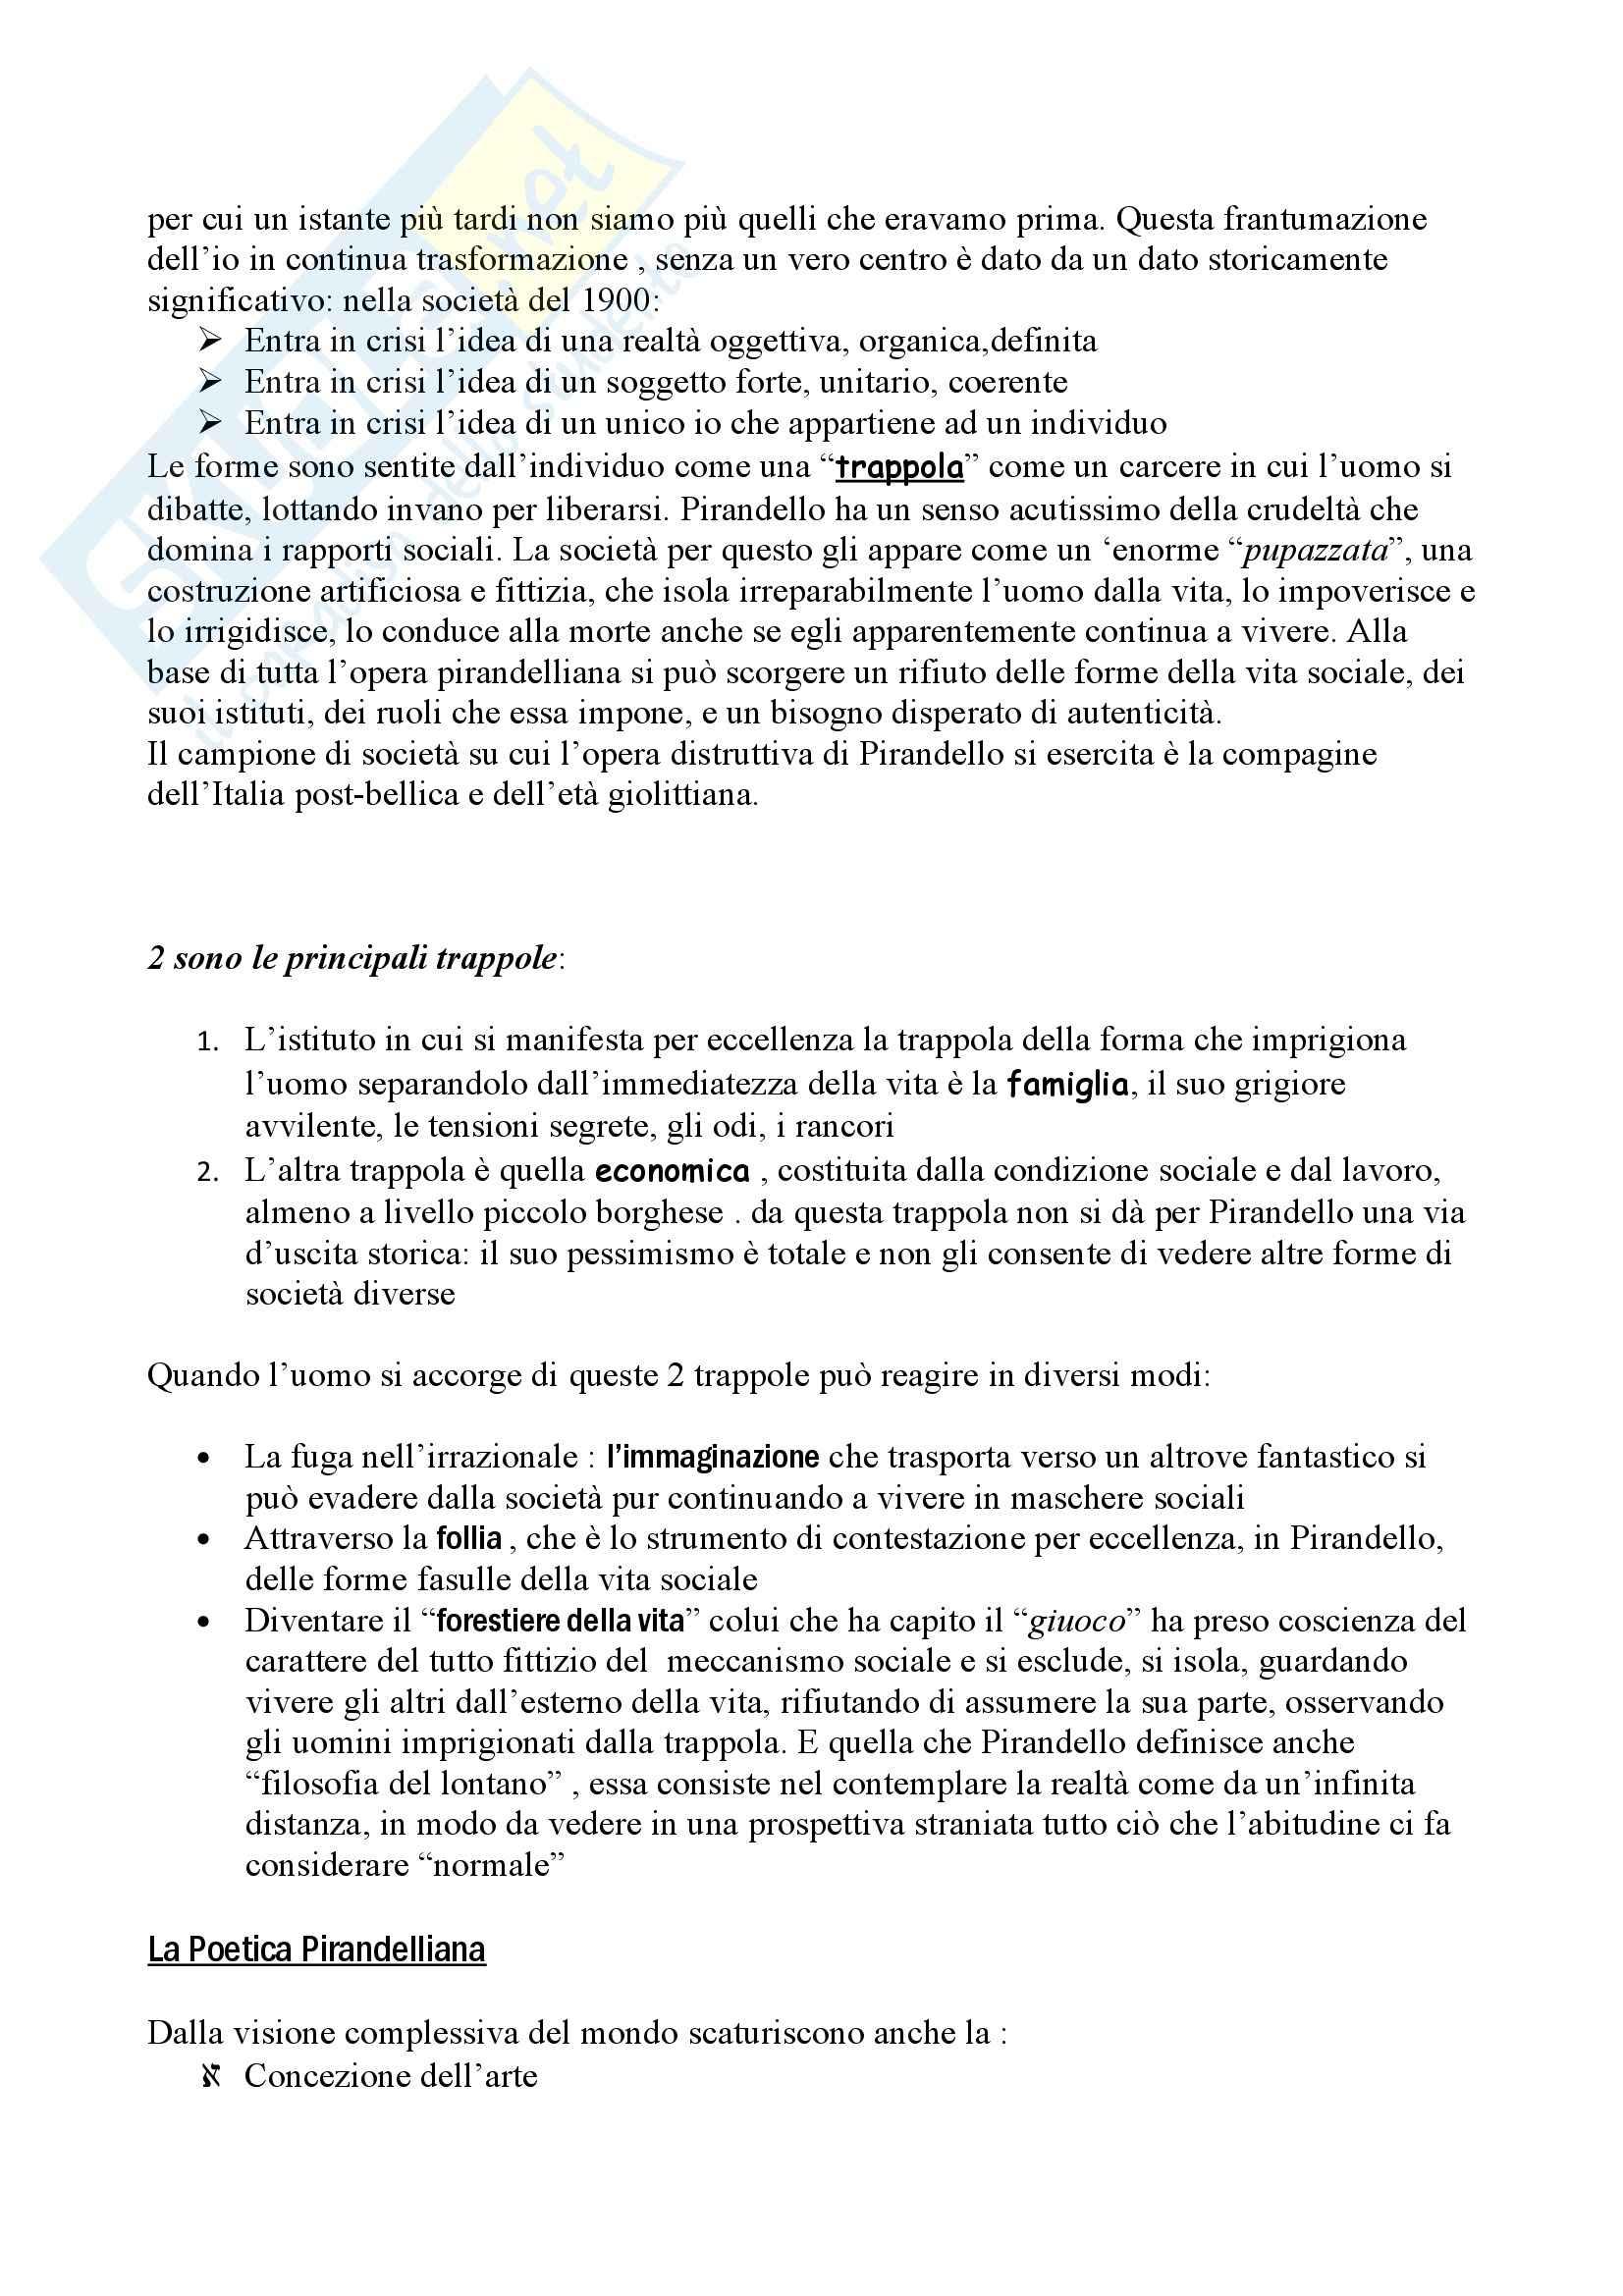 Riassunto esame Letteratura, libro adottato Letteratura, storia, immaginario, Luperini Pag. 21